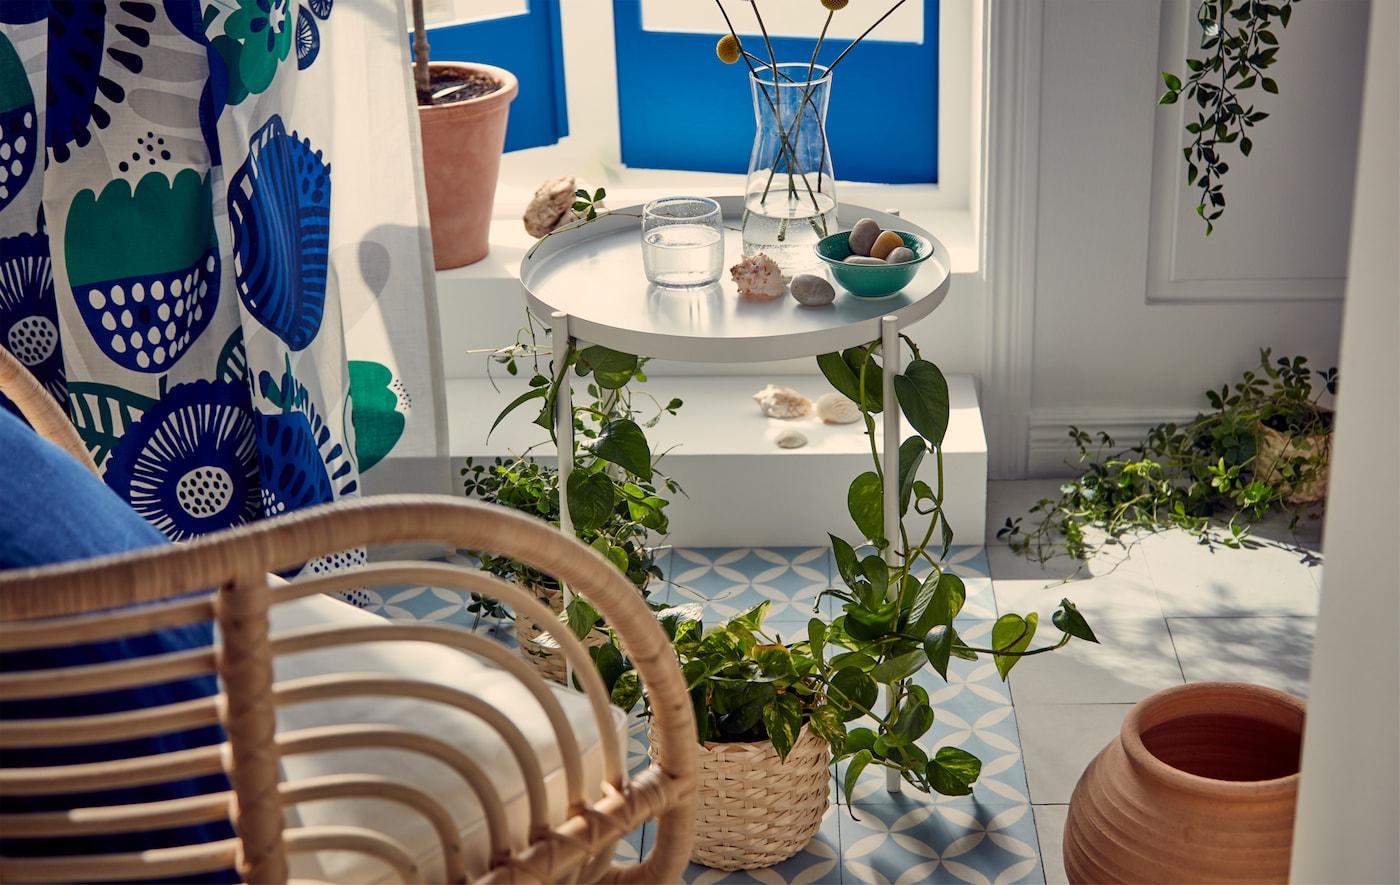 フレンチバルコニー風の窓のすぐそばの日当たりの良い場所にあるブルーとホワイトのインテリア。植物を巻きつけたトレイテーブルのそばの藤のアームチェア。